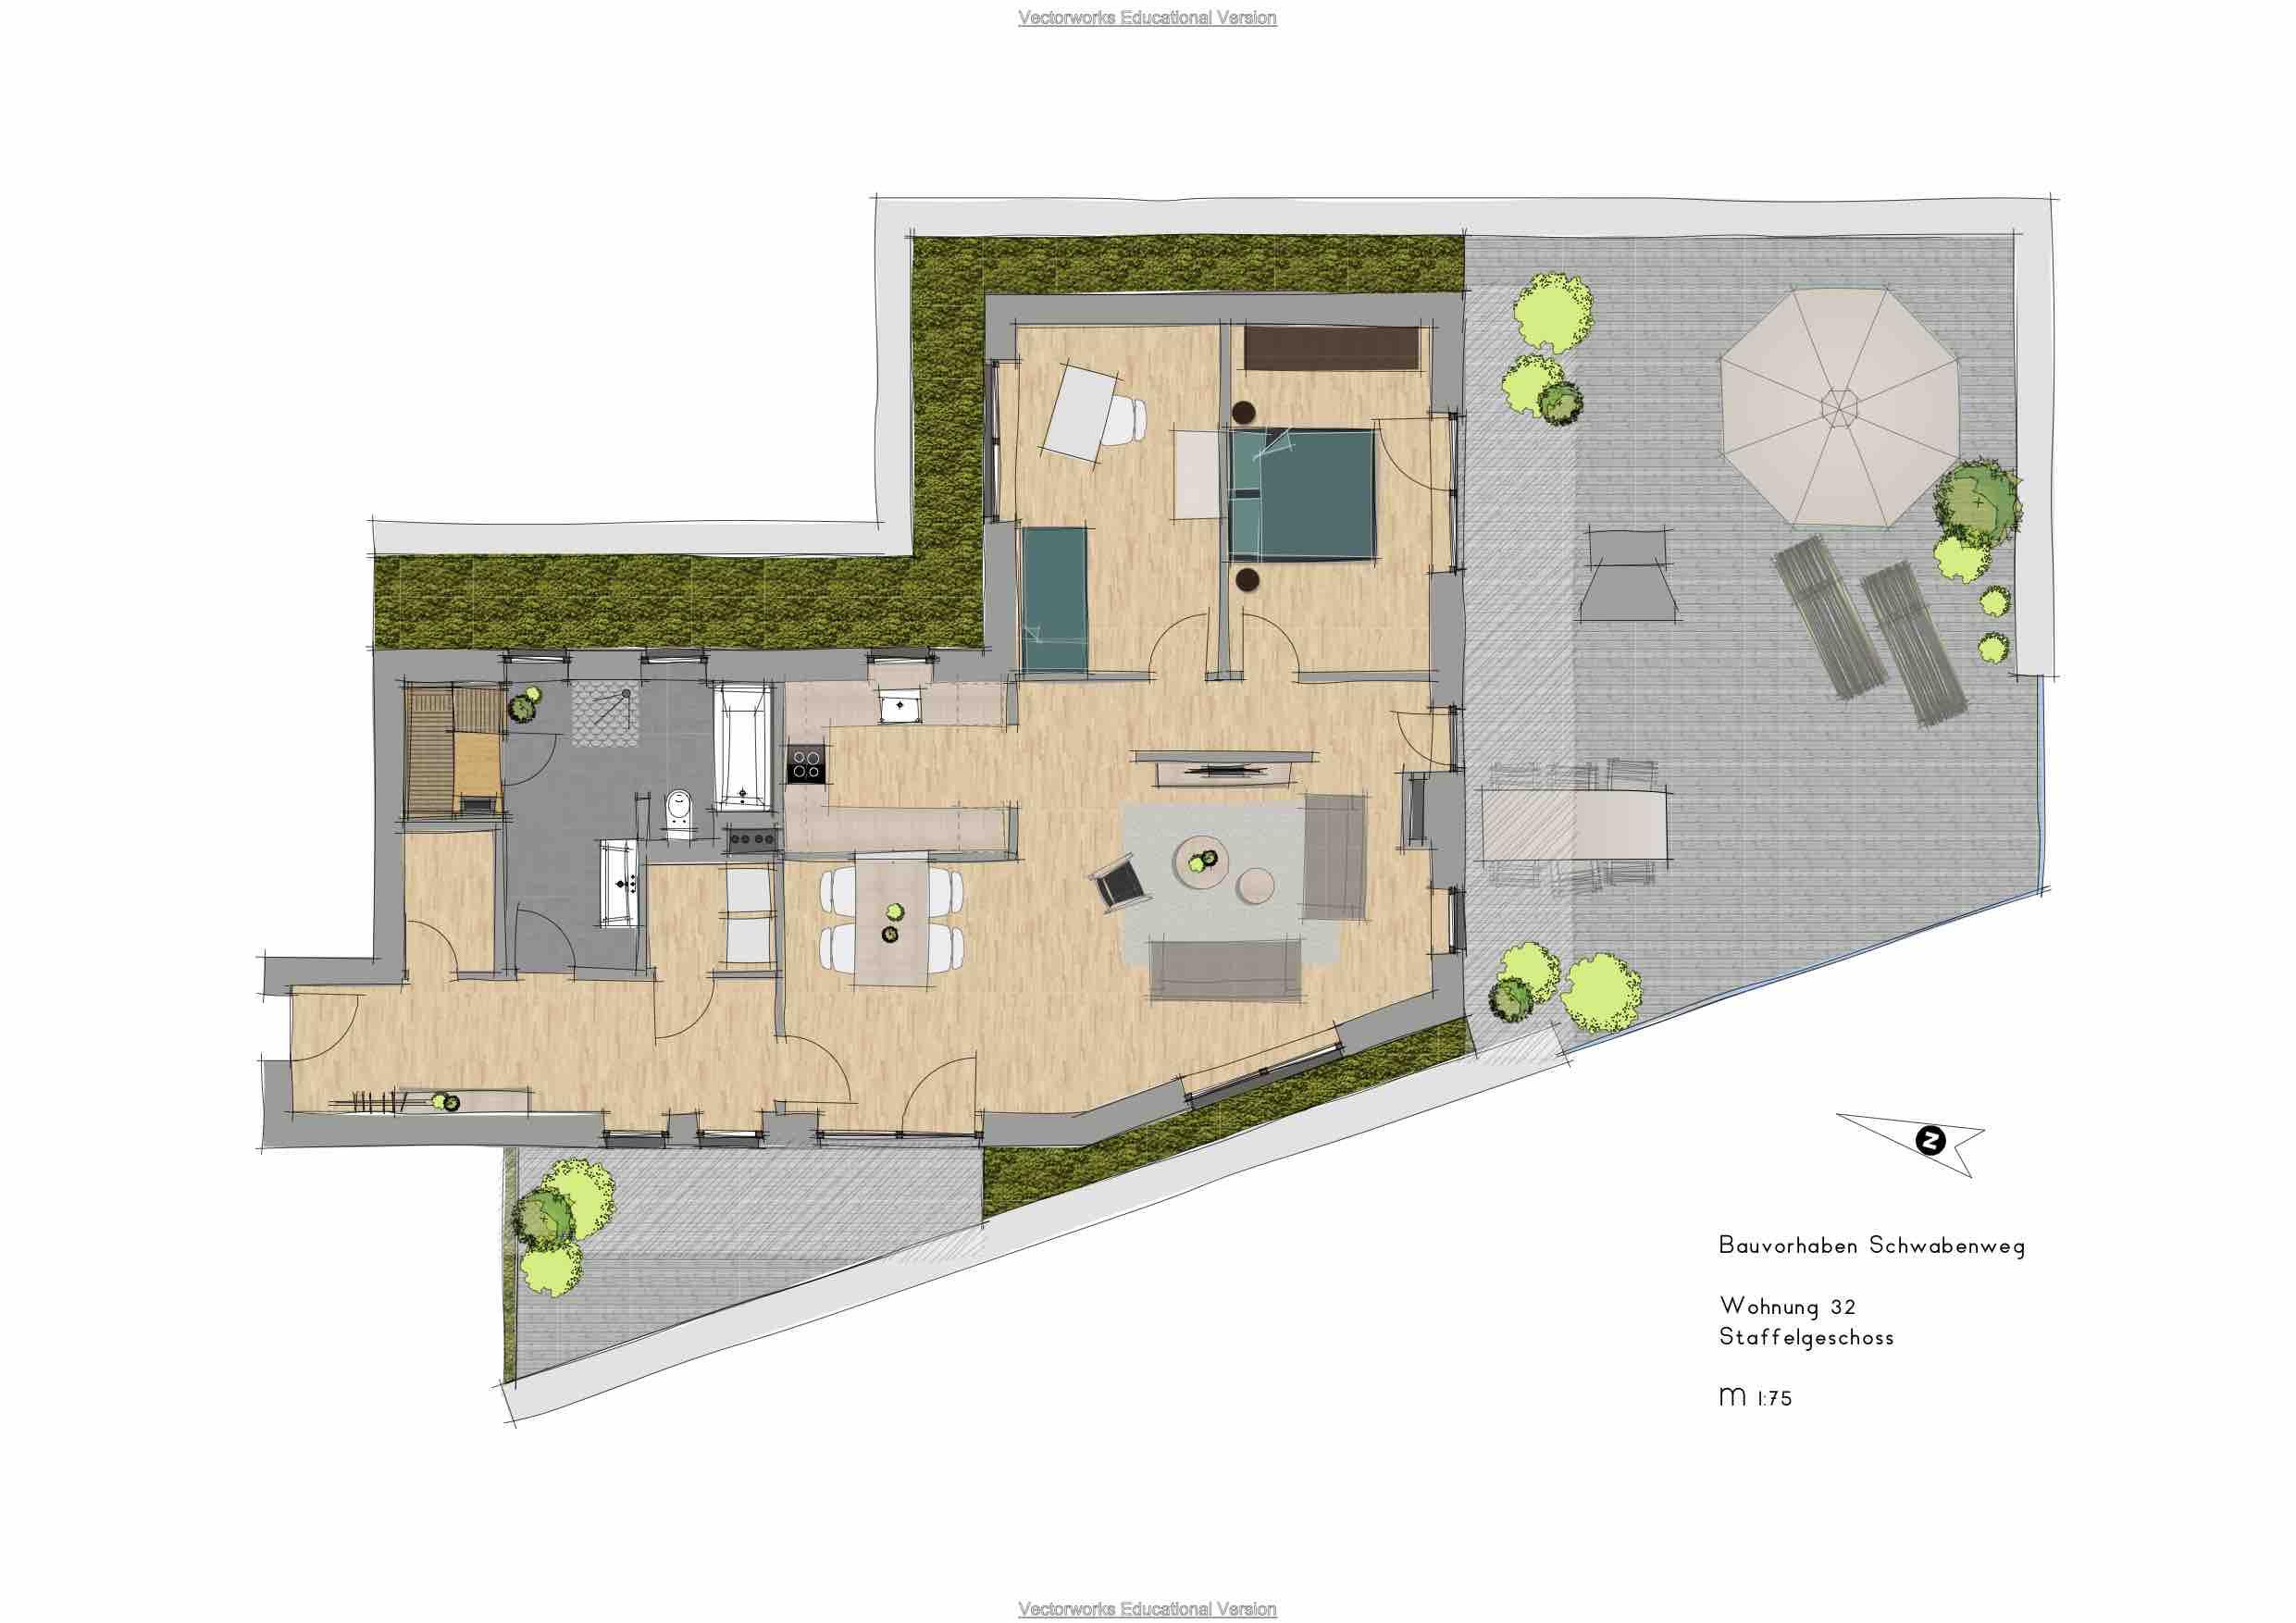 Grundriss einer Penthousewohnung im Schwabenweg Paderborn